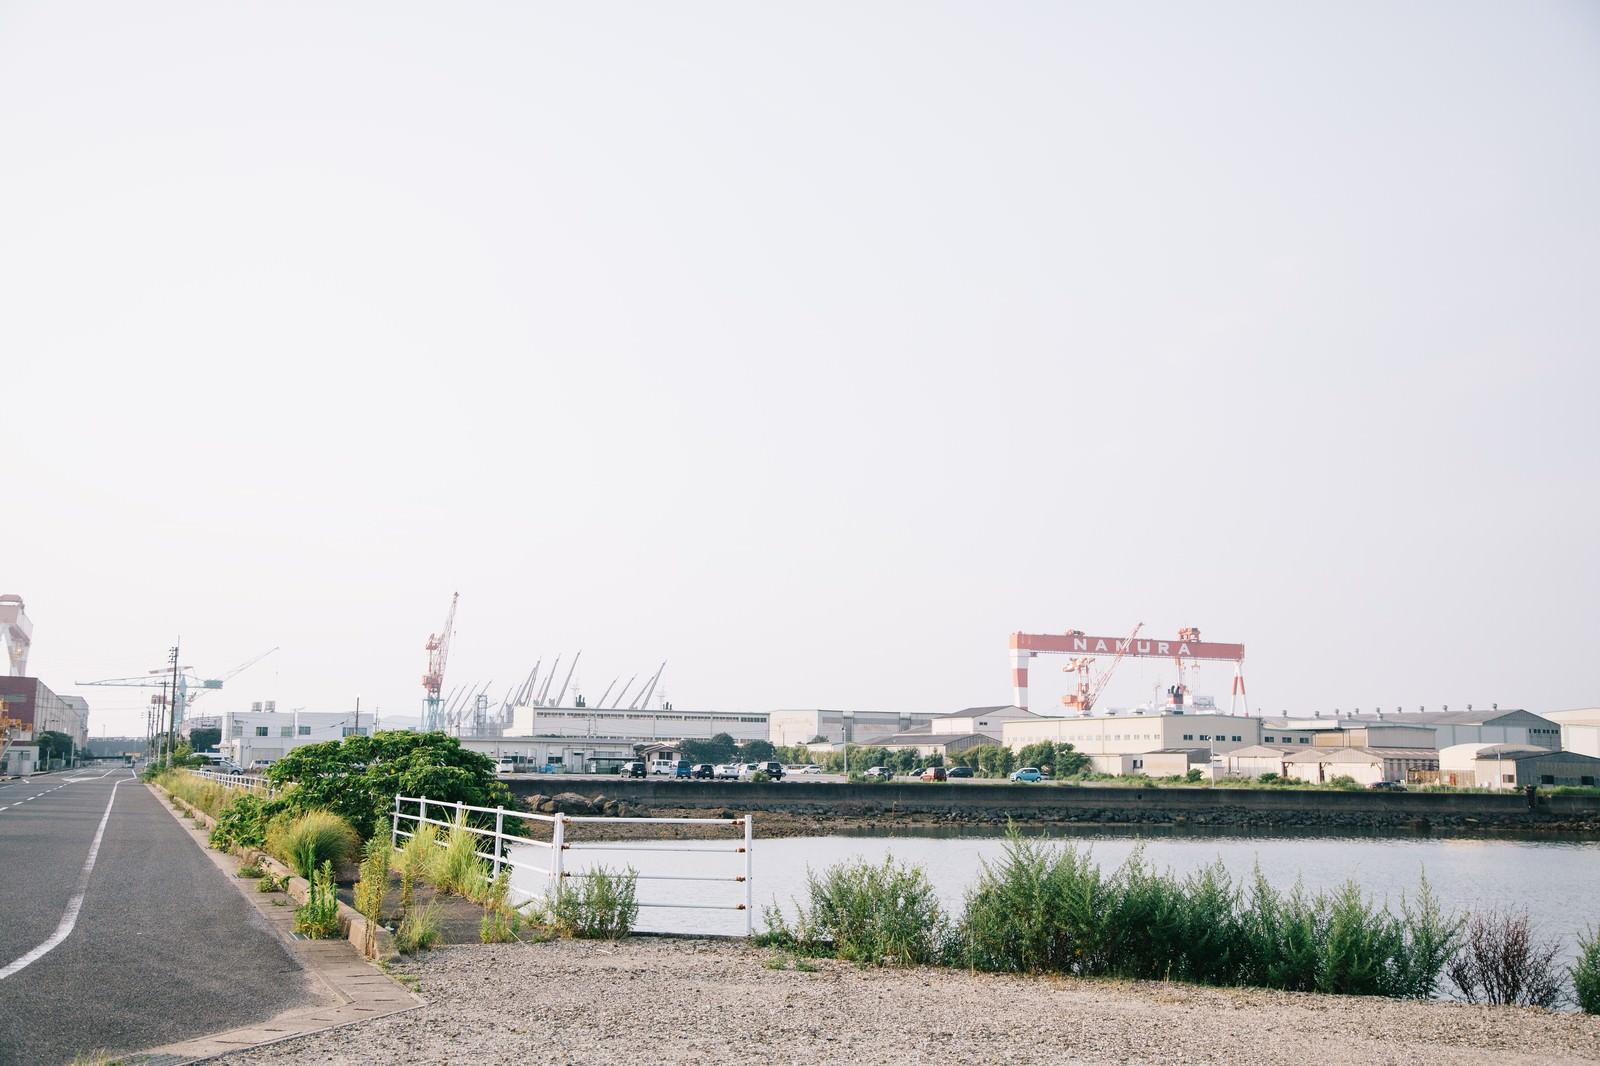 「伊万里市を支える造船所伊万里市を支える造船所」のフリー写真素材を拡大